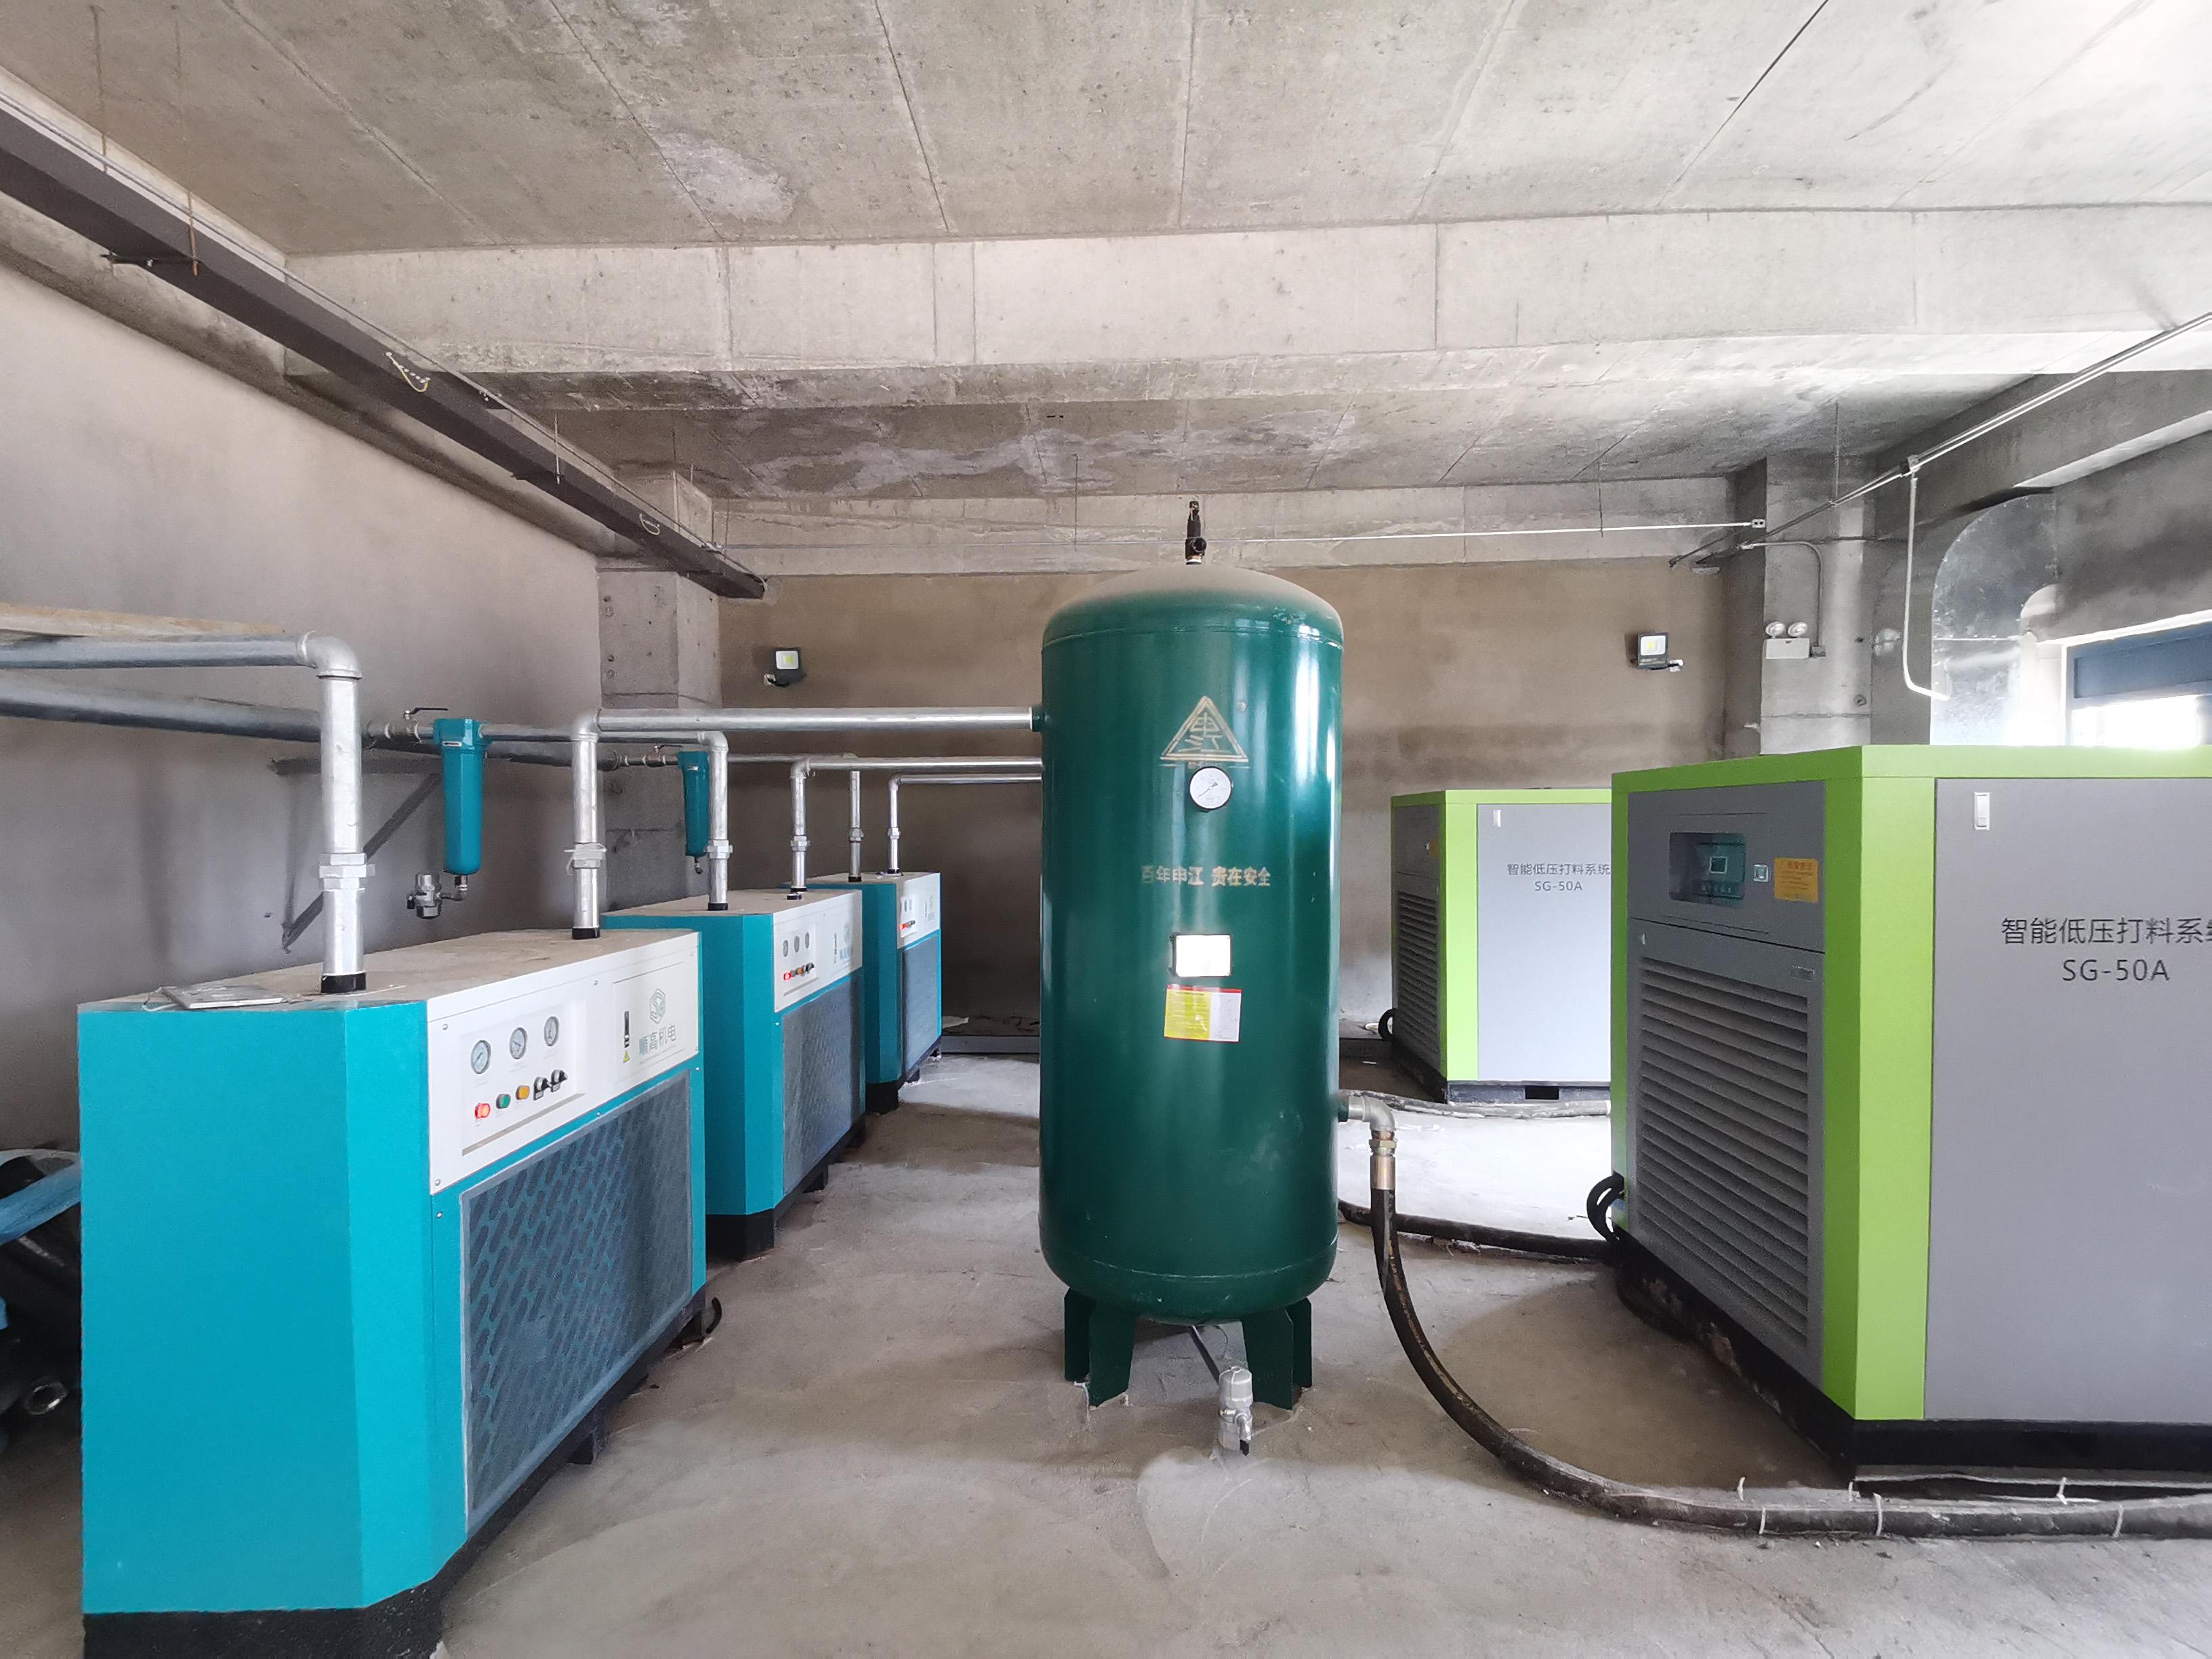 顺高为中联定制智能低压粉料输送系统助力山东绿色新型建材